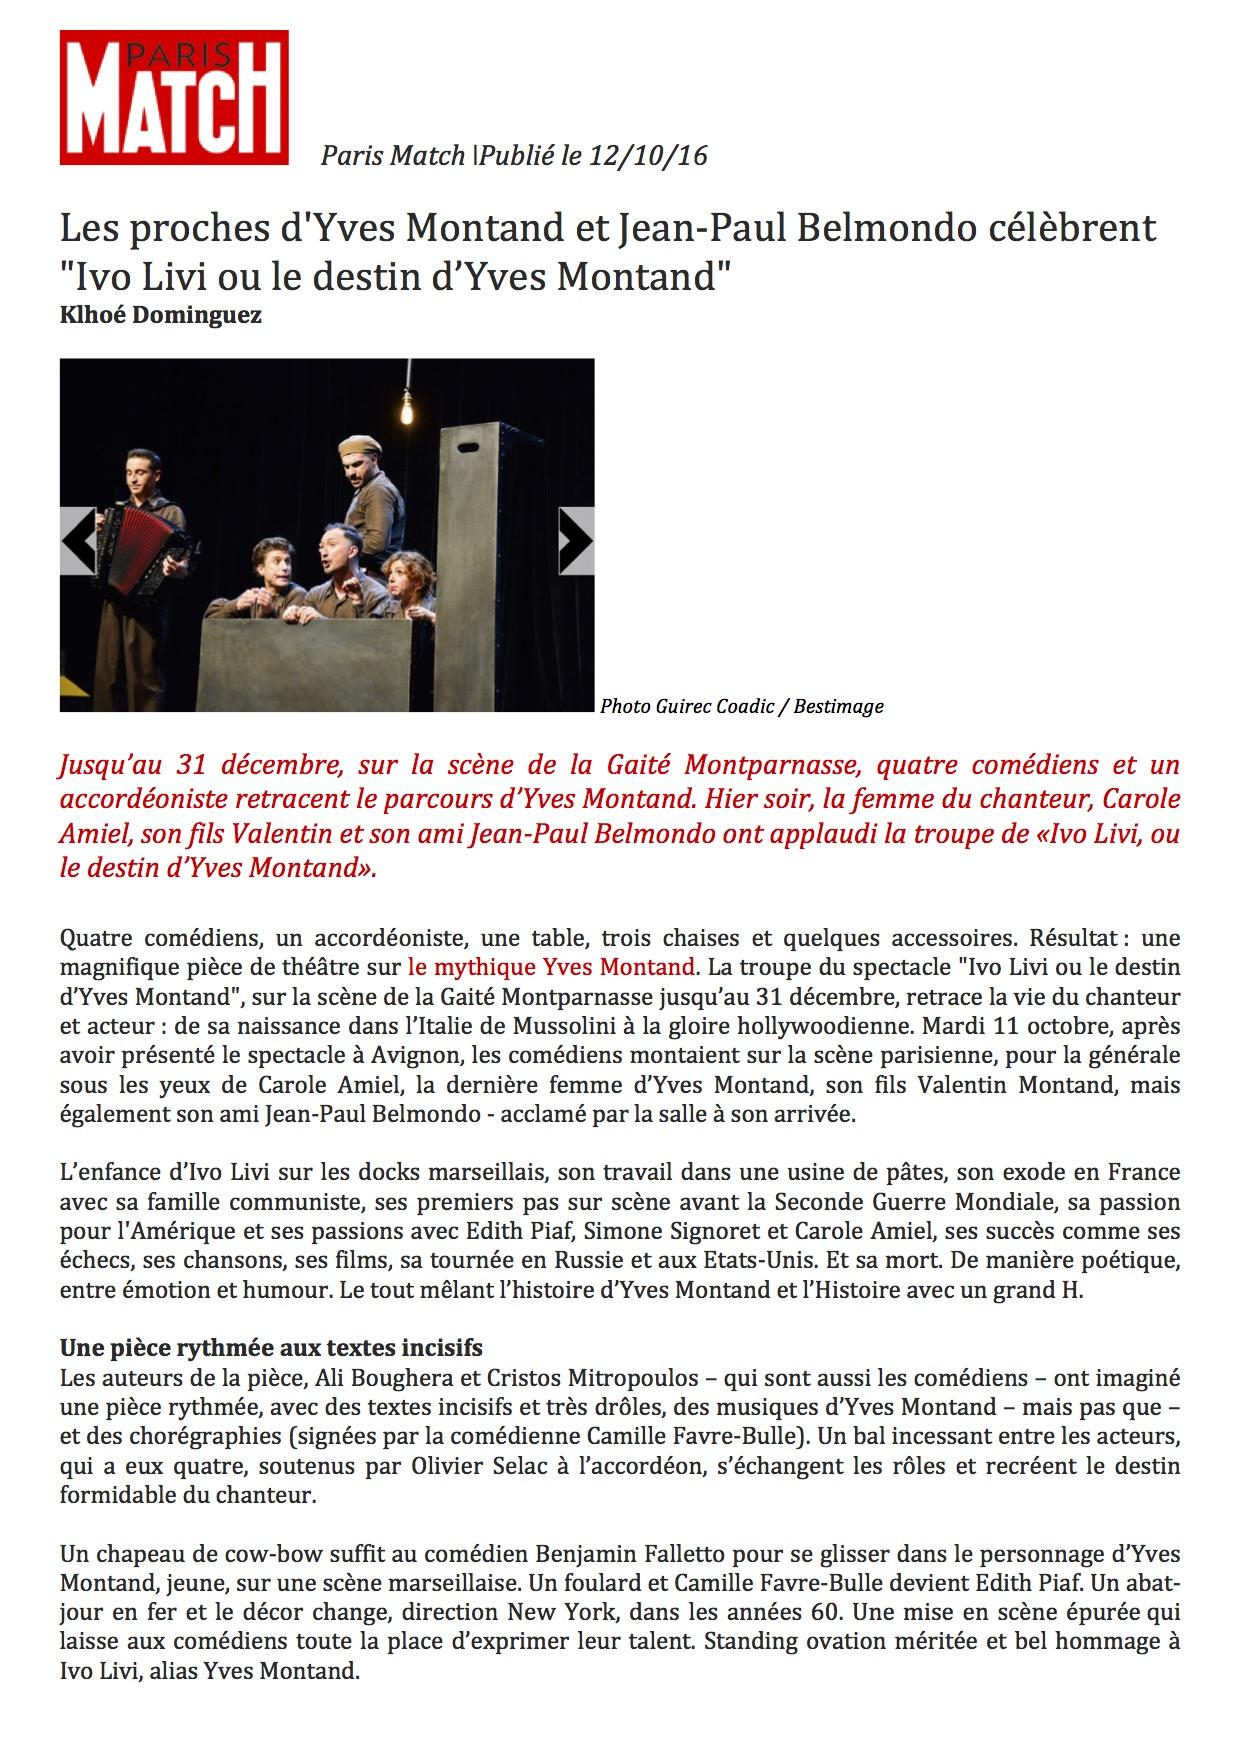 Paris Match.com 12.10.16